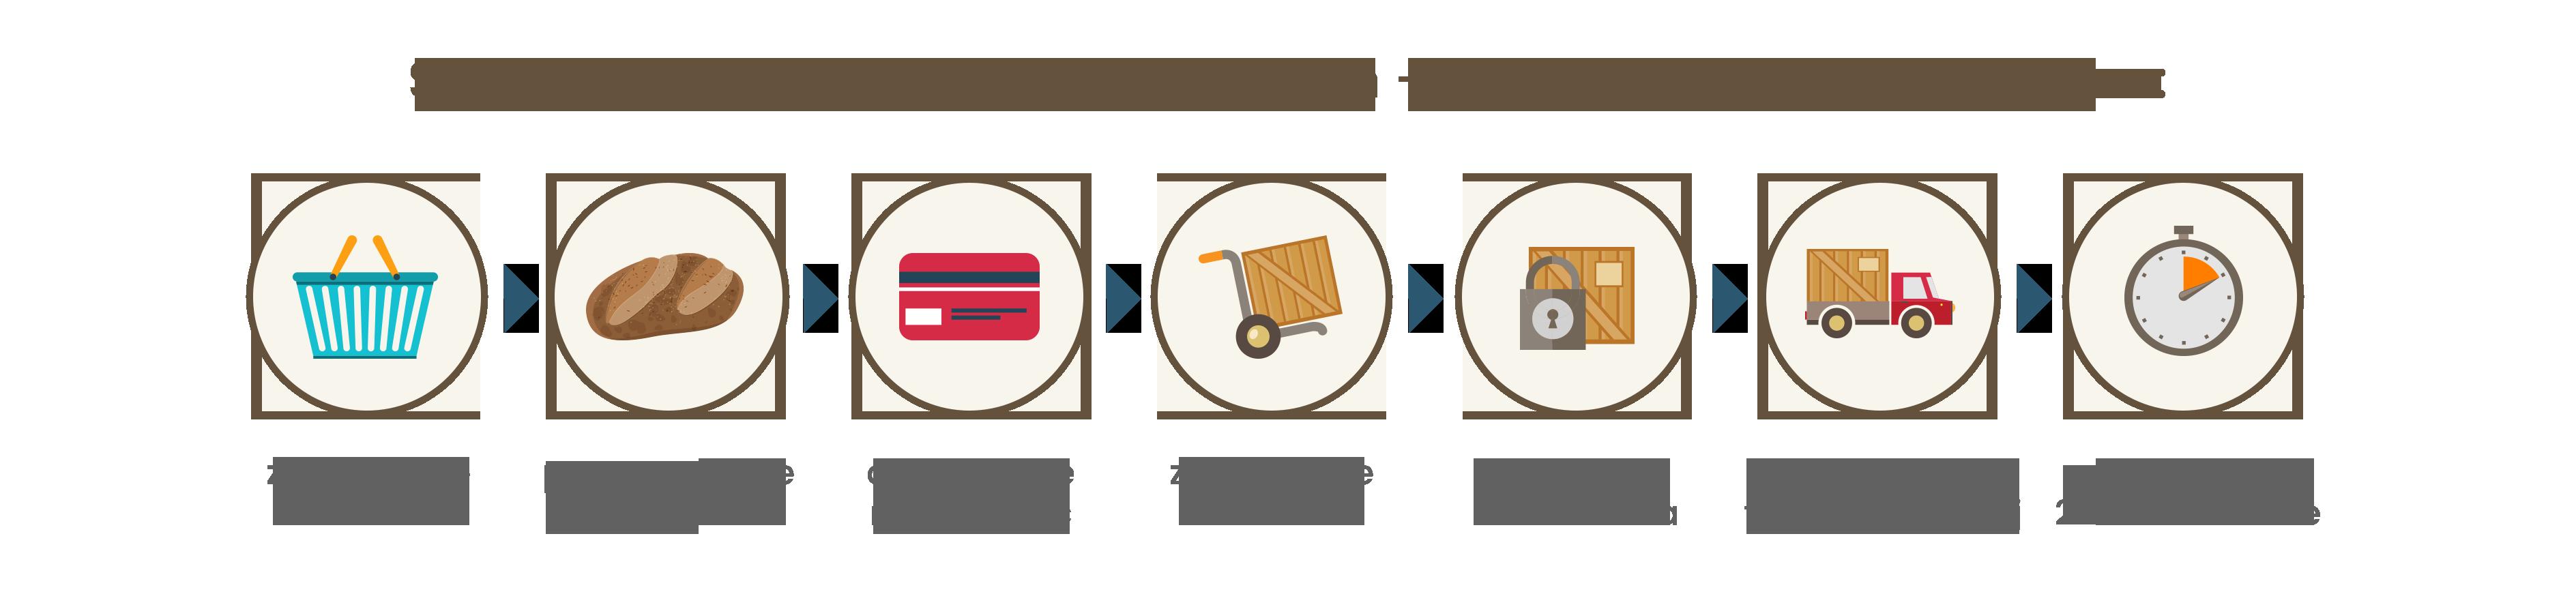 schemat dostawy pieczywa